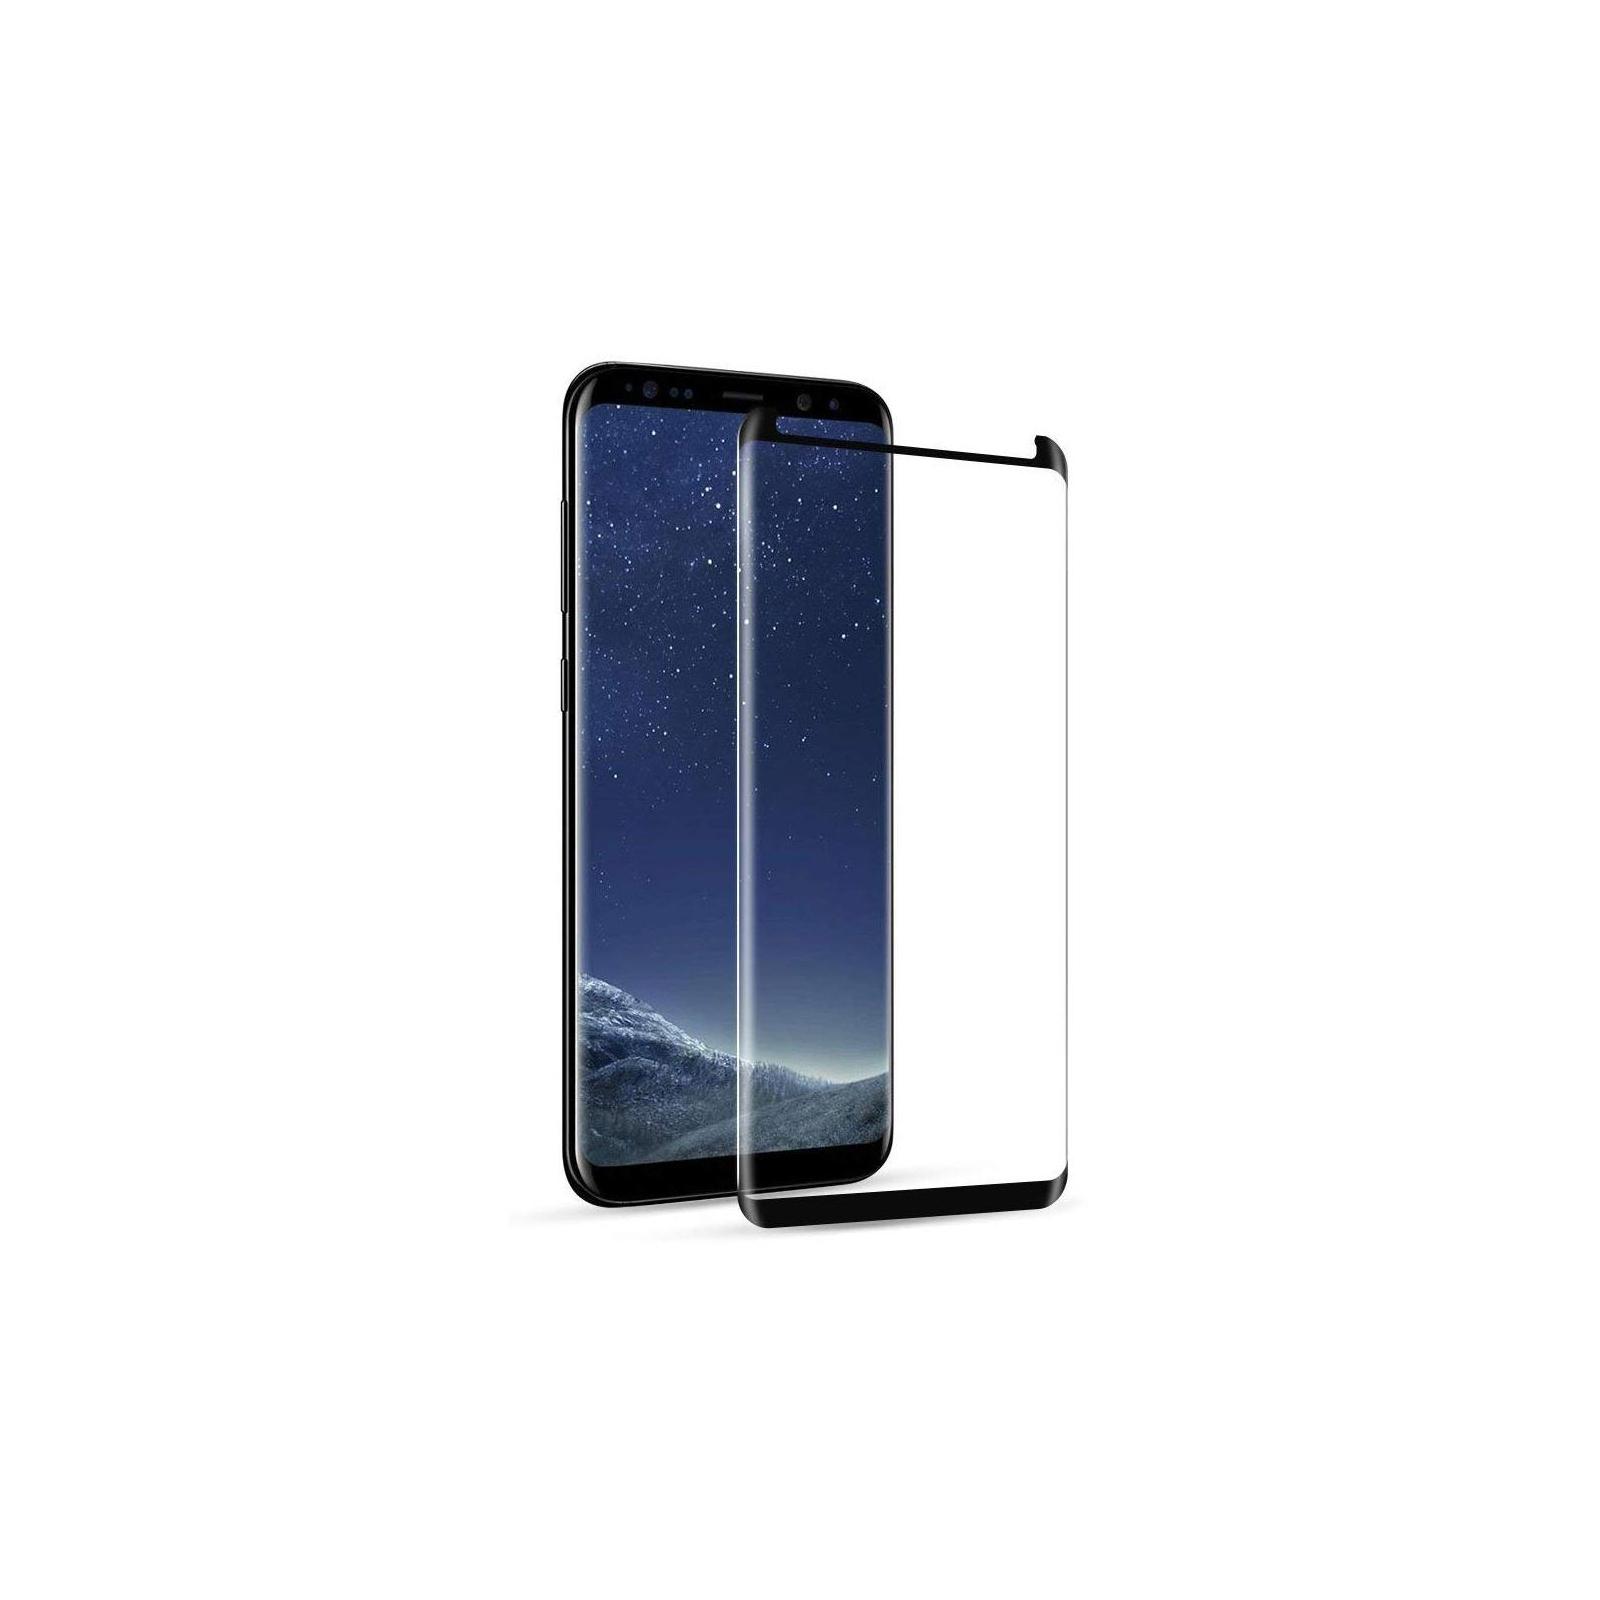 Стекло защитное Vinga для Samsung Galaxy S8 Plus (G955) (VTPGS-G955) изображение 2